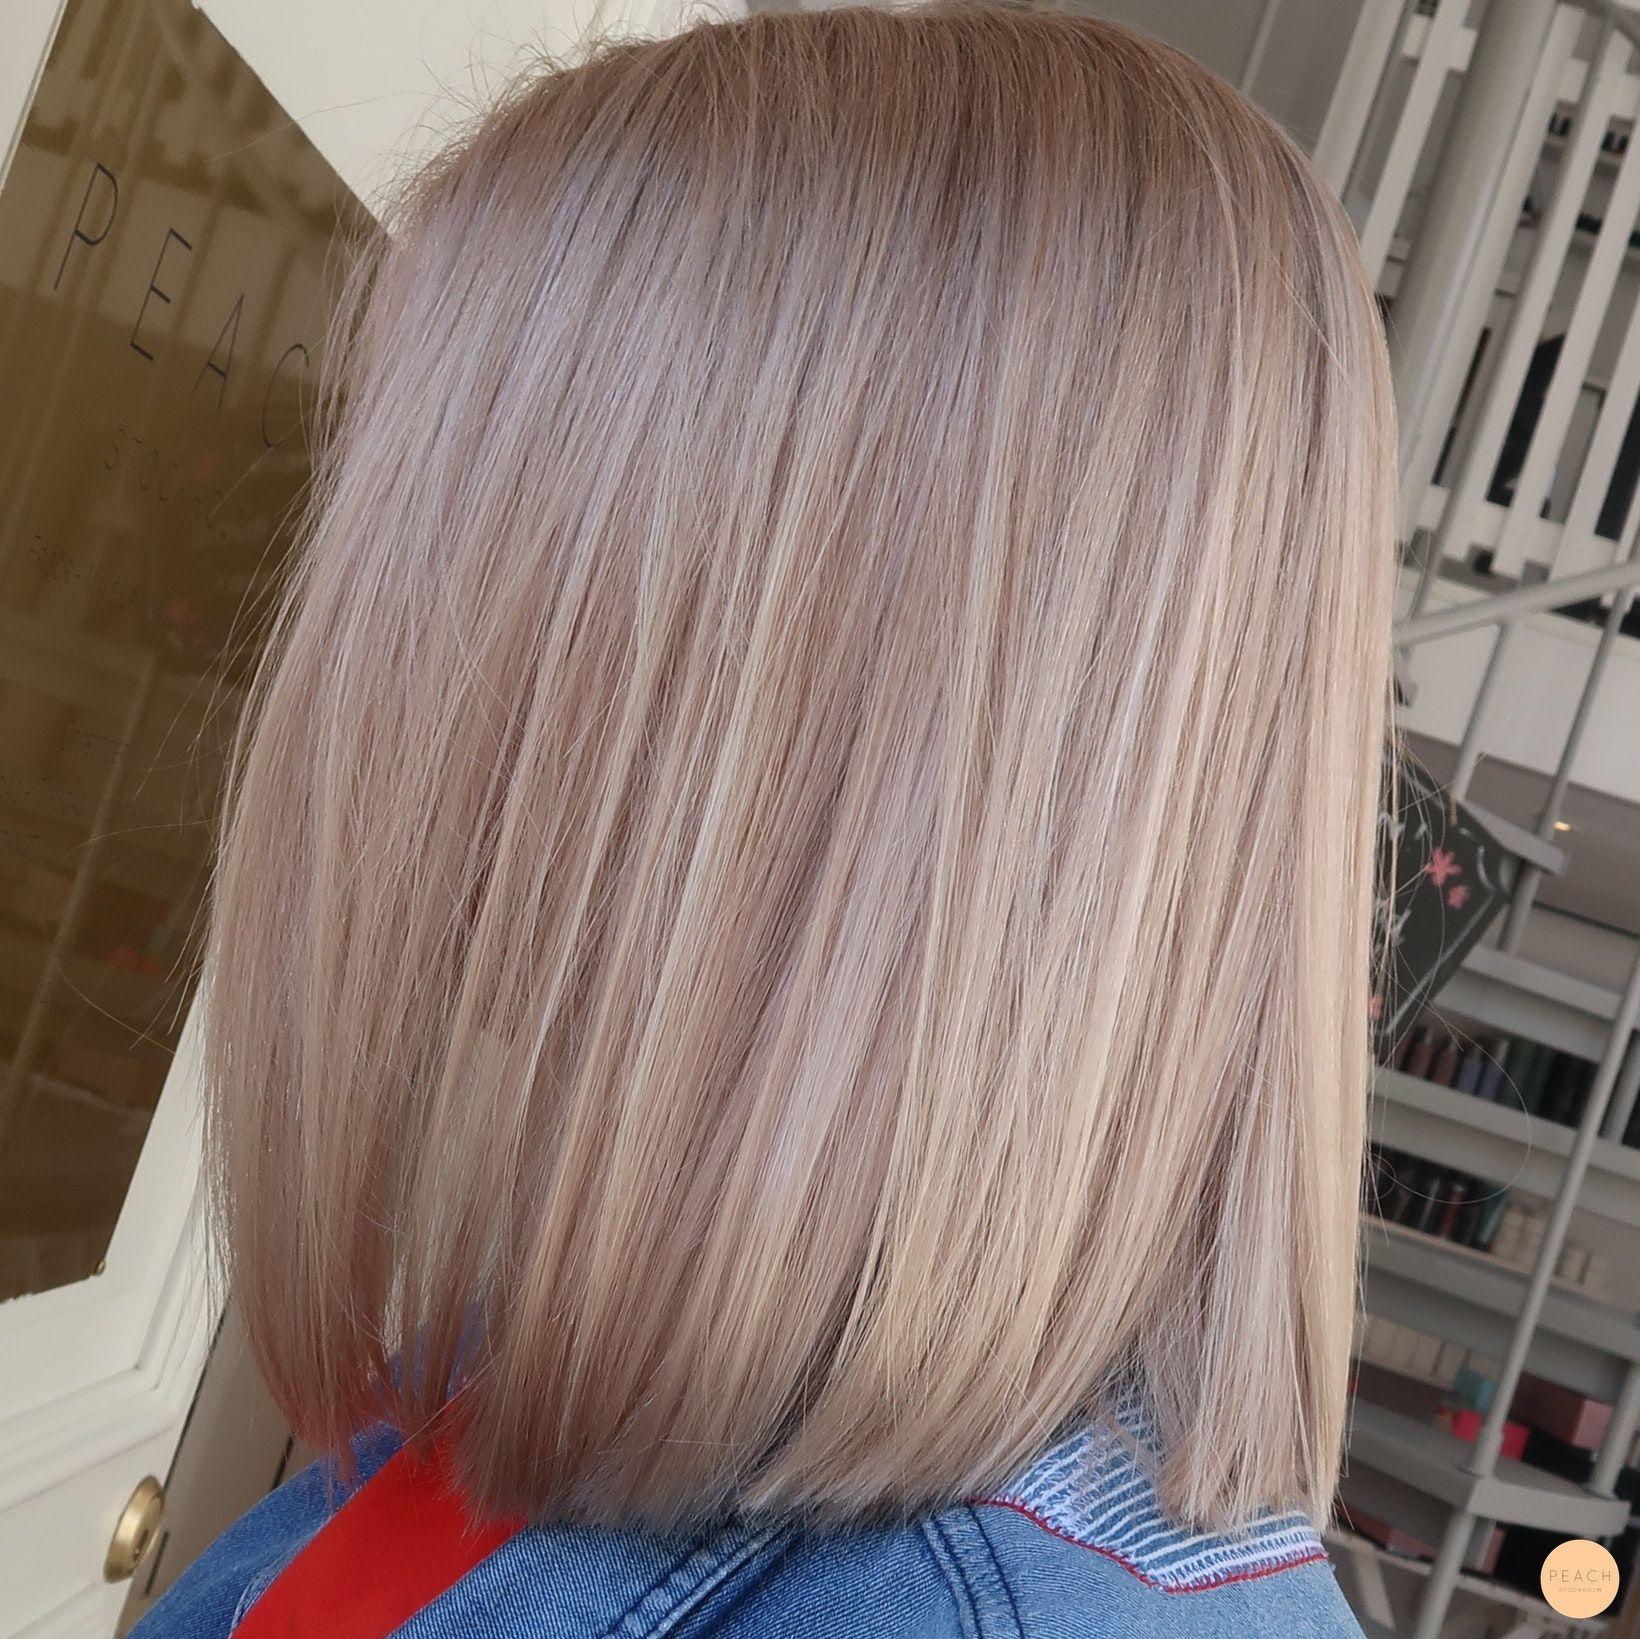 Ljusblond hårfärg